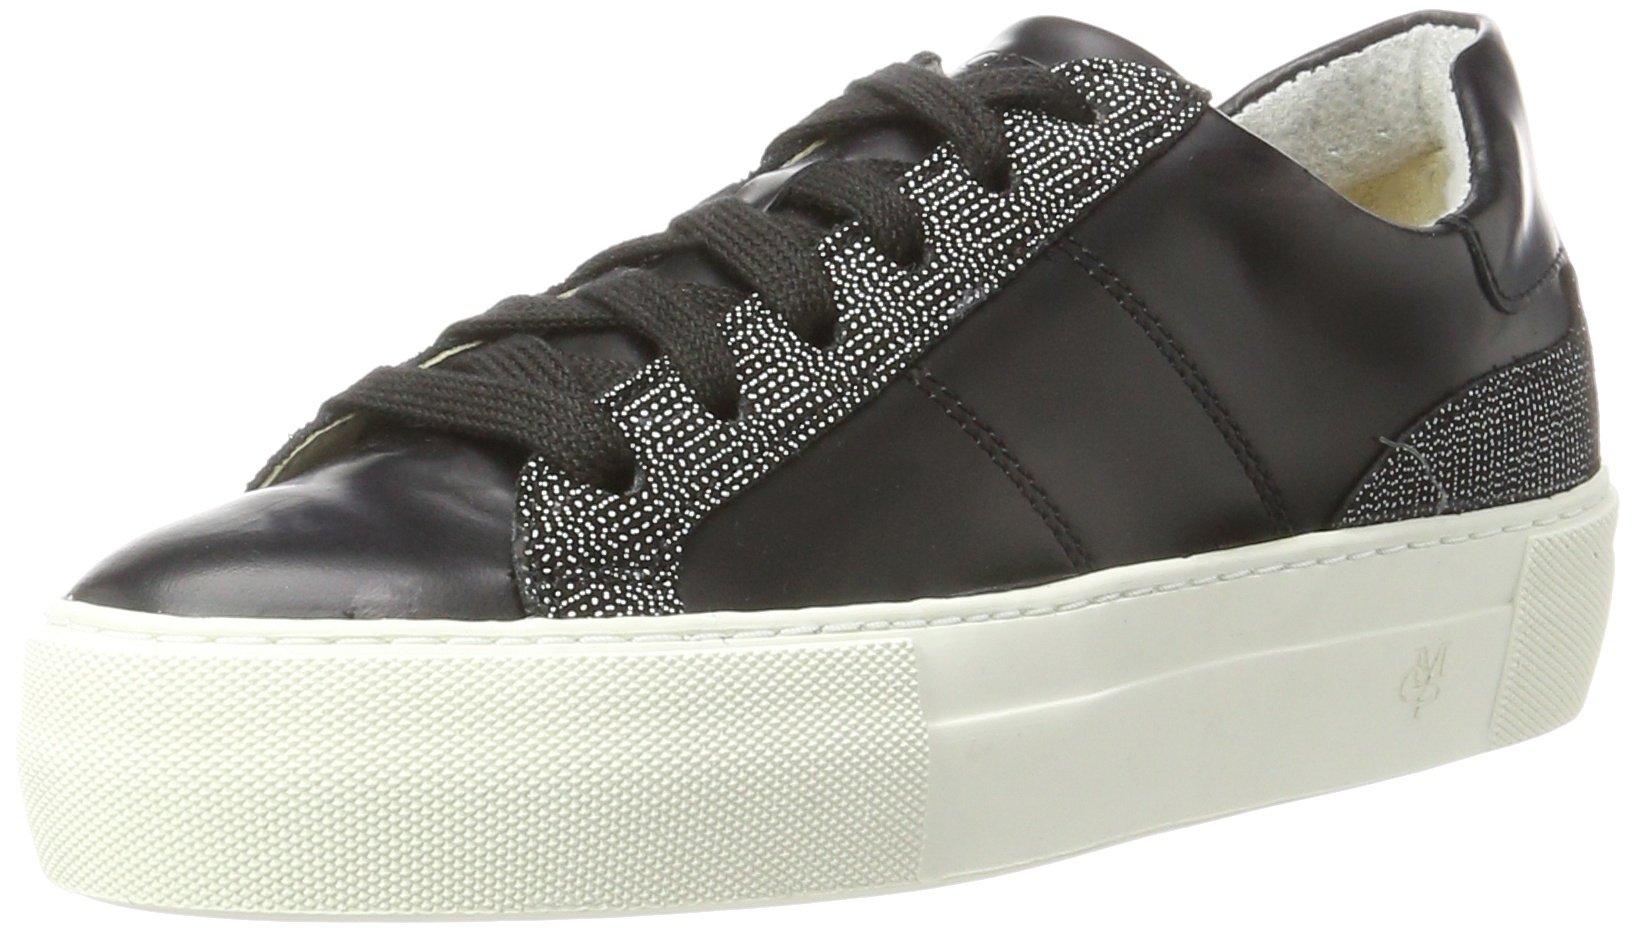 70714193502310Basses Marc FemmeNoir O'polo Schwarzblack Sneaker Combi40 wvm80ynON